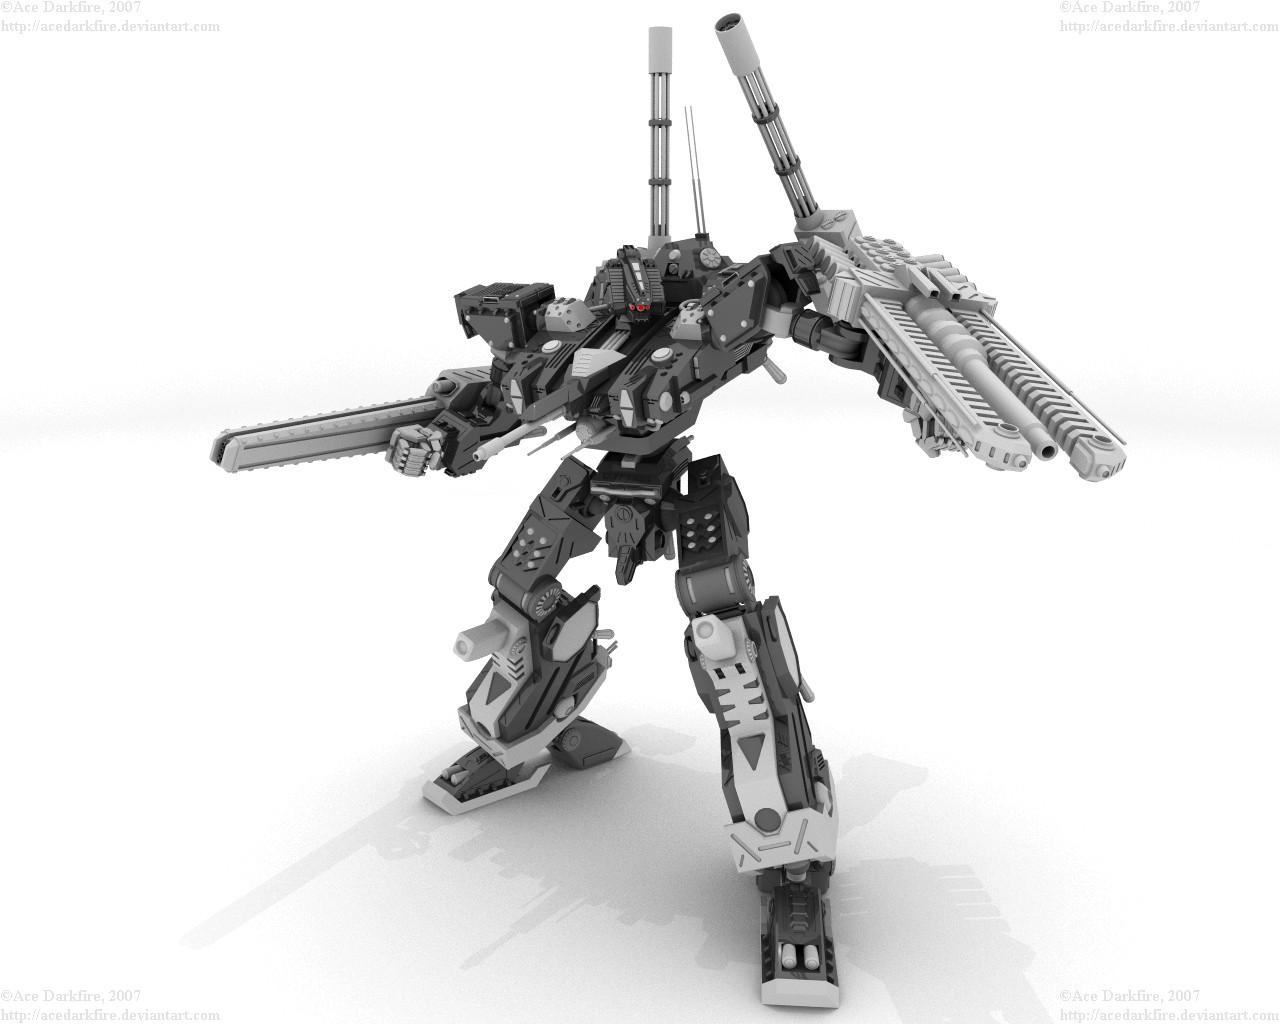 BattleSmith in Focus by AceDarkfire